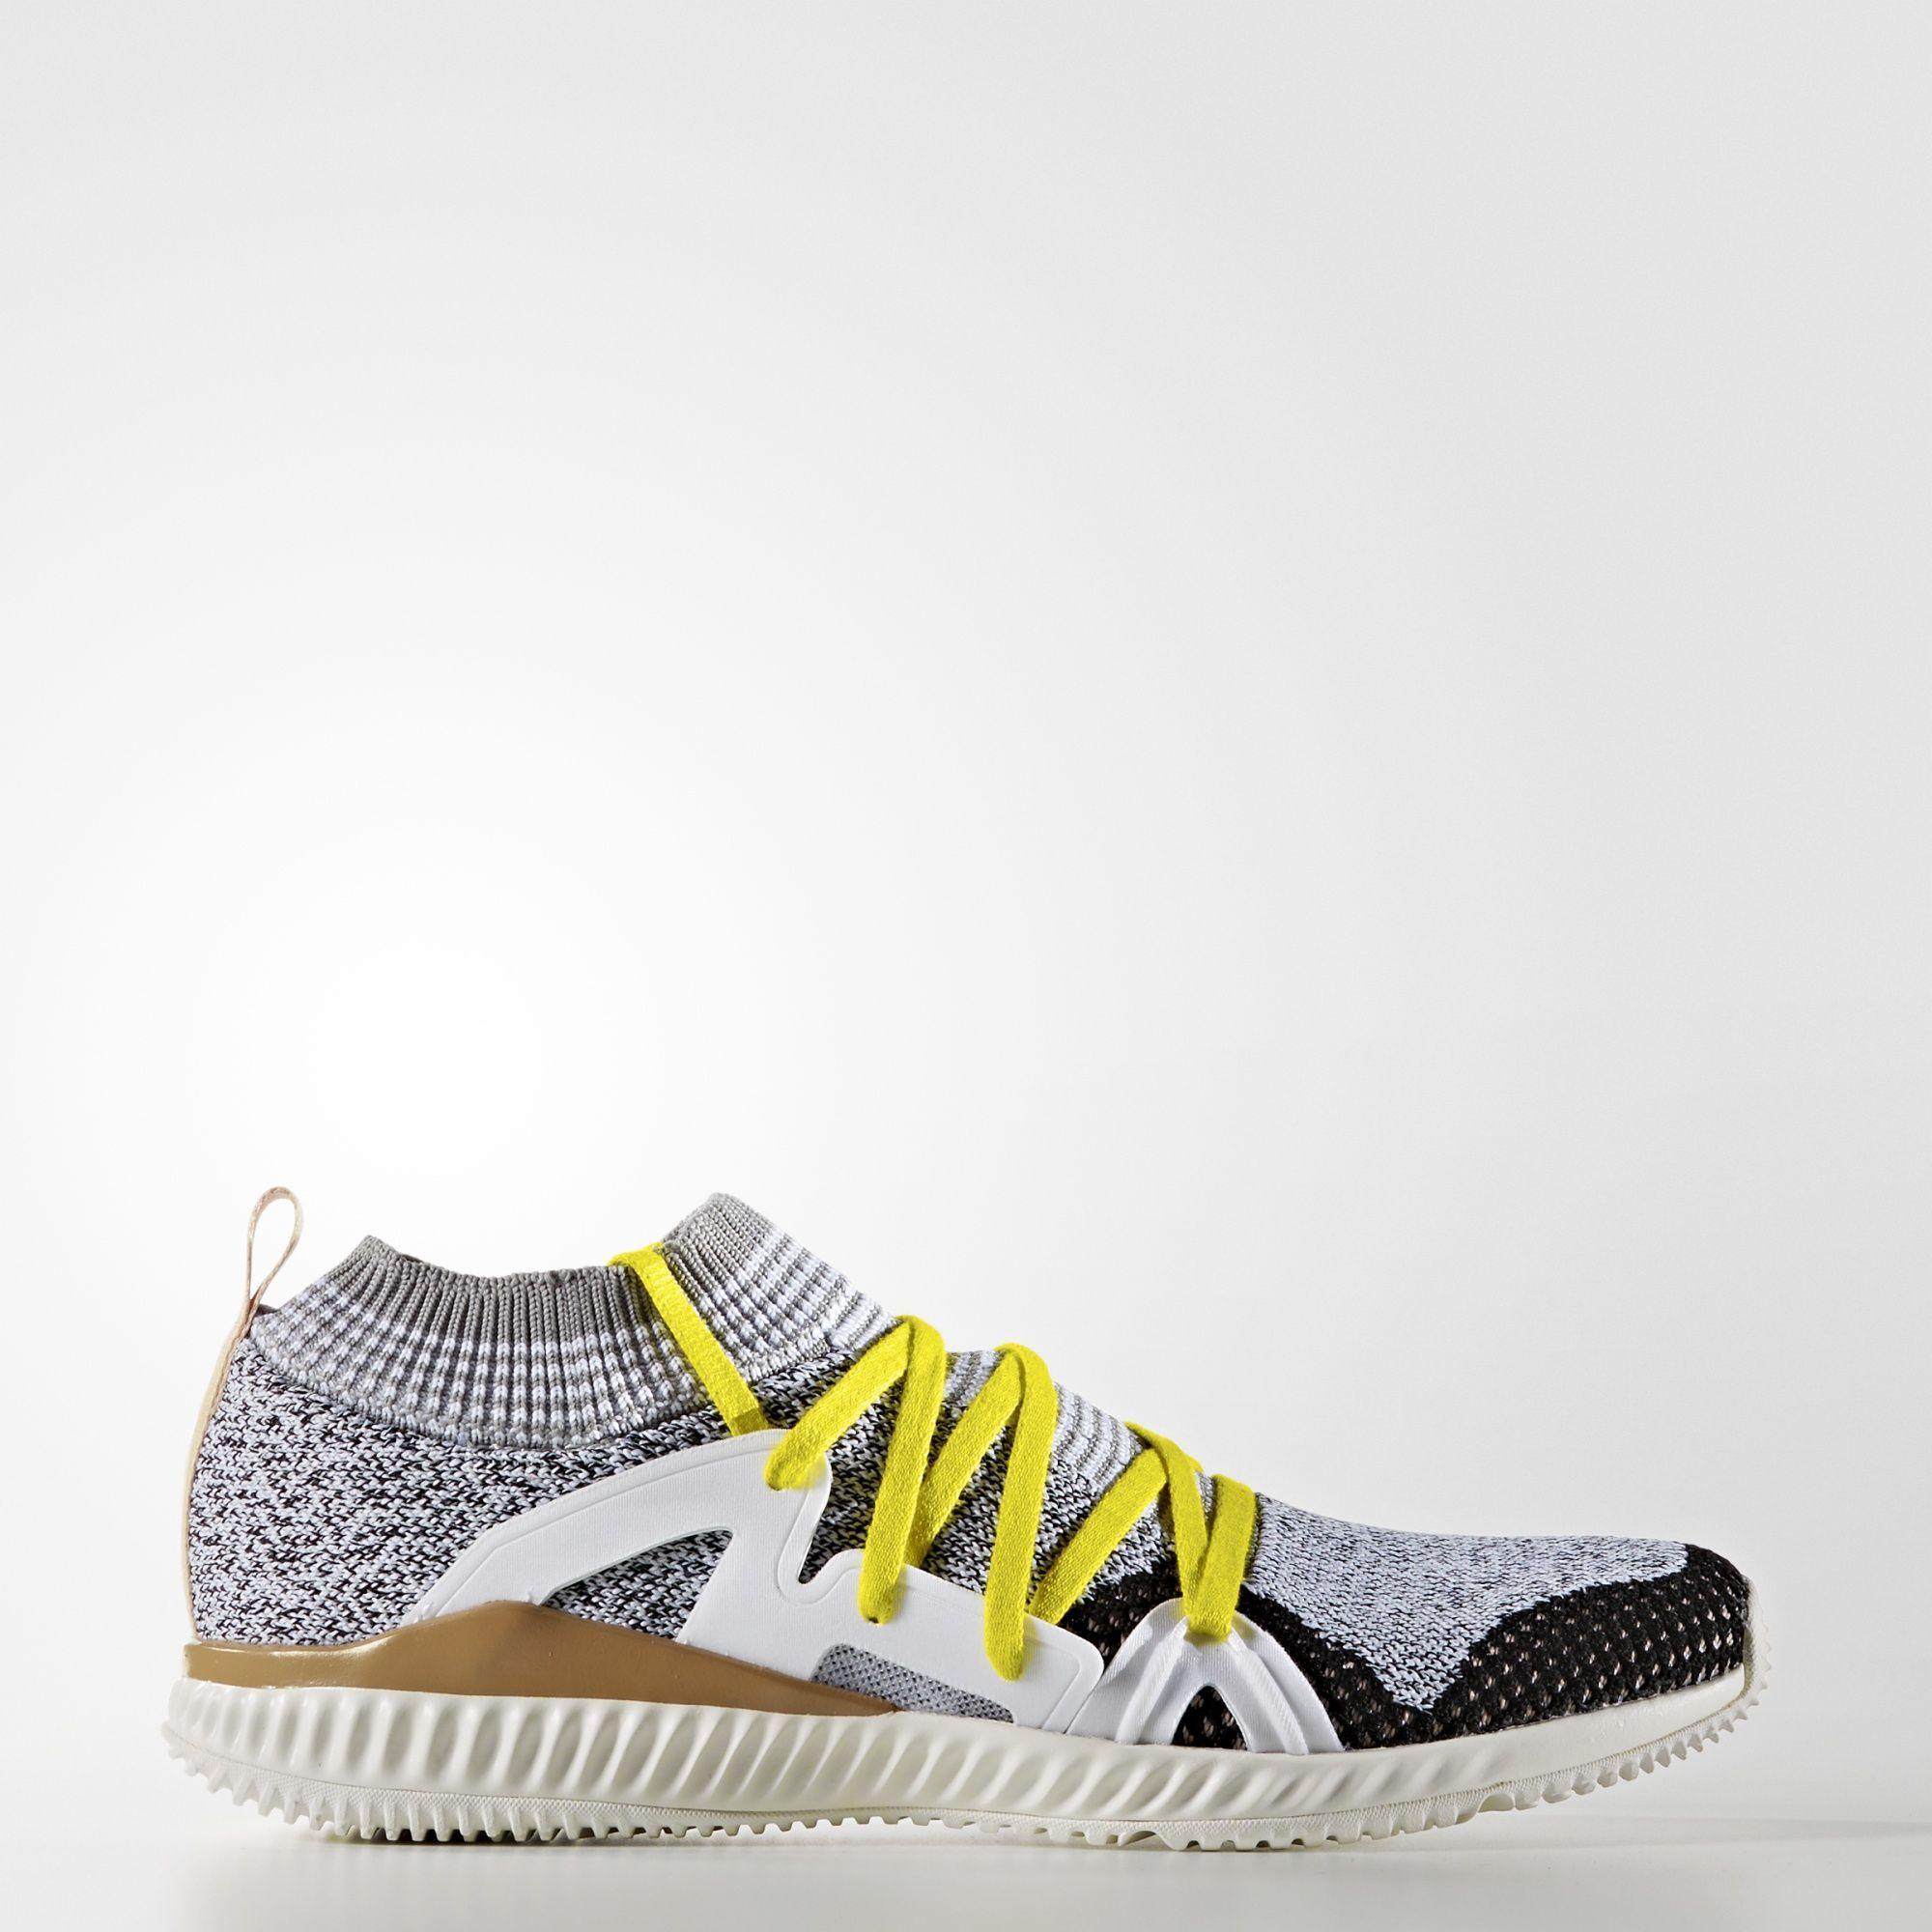 Adidas Zapatillas adidas moda Pinterest crazymove Bounce